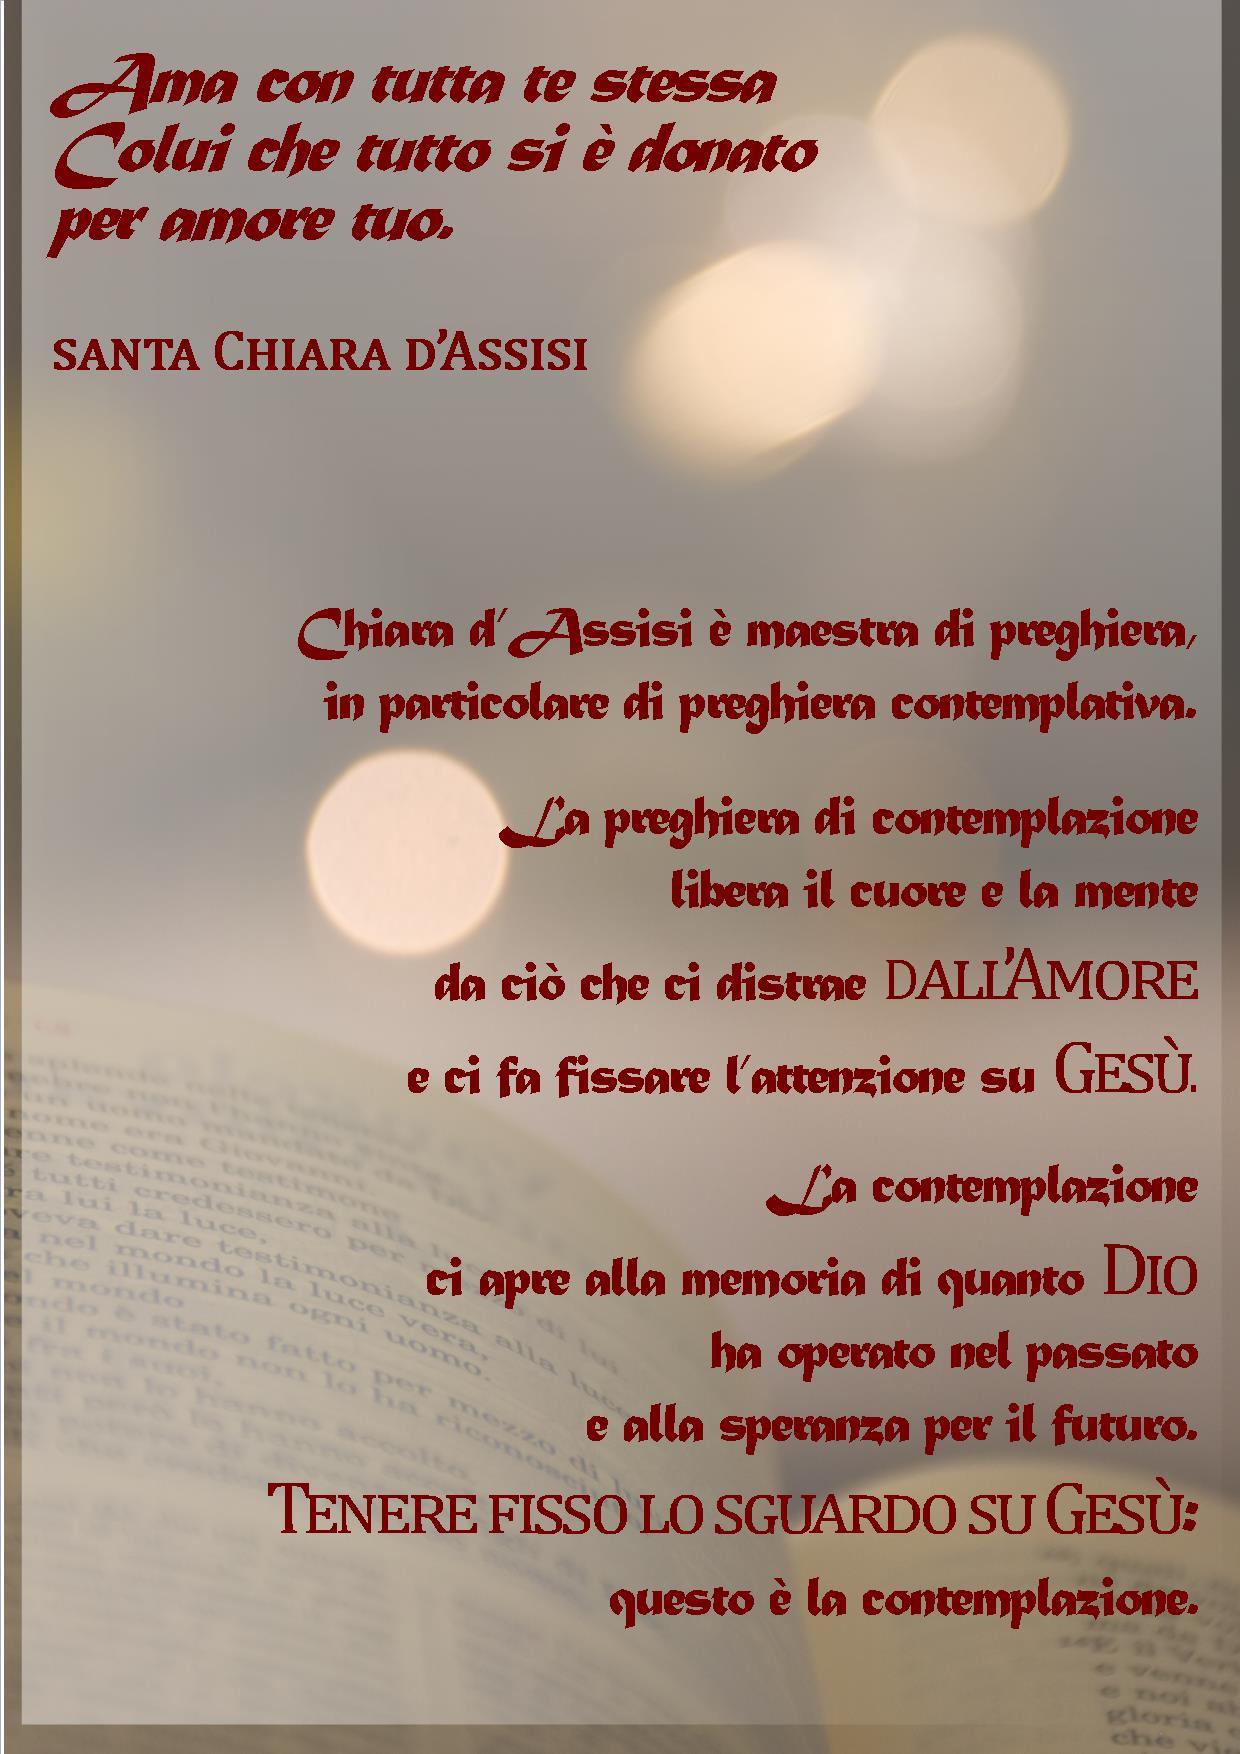 Chiara ms di pregh2020 2